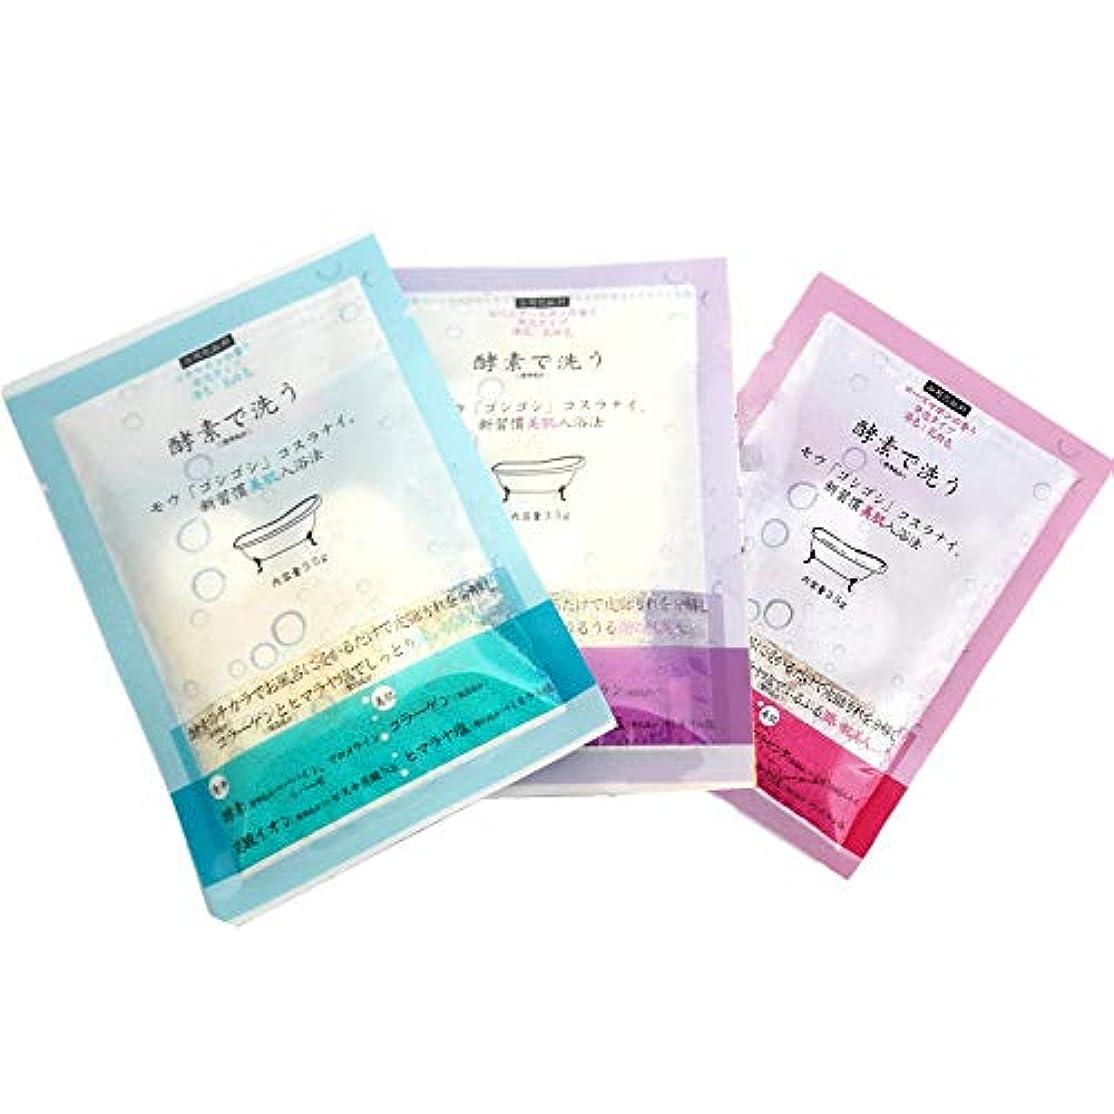 ドラフト最大のドナーほんやら堂 酵素で洗う入浴料 3種詰め合わせセット 35g×12個入リ(プチセボン、ローズセボン、ラベンダー)